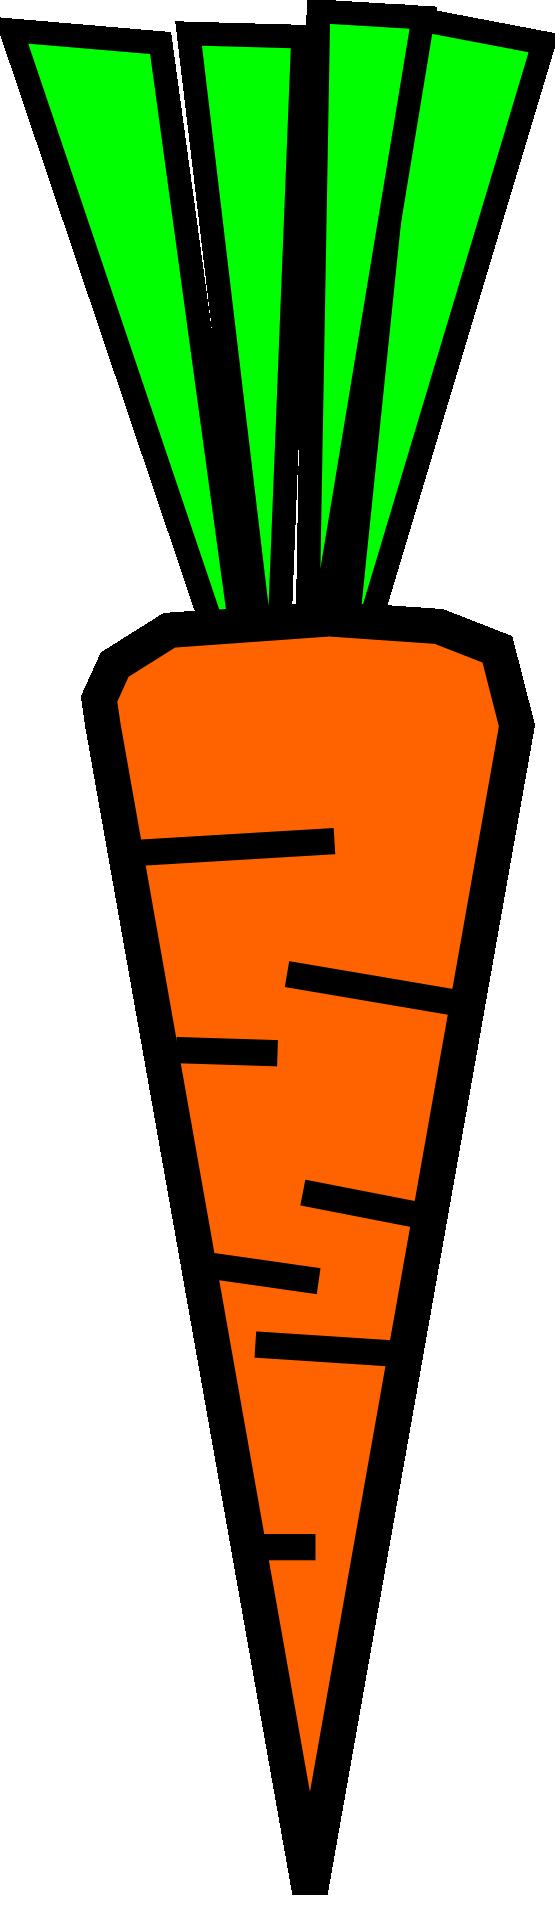 Carrot Clipart-carrot clipart-2